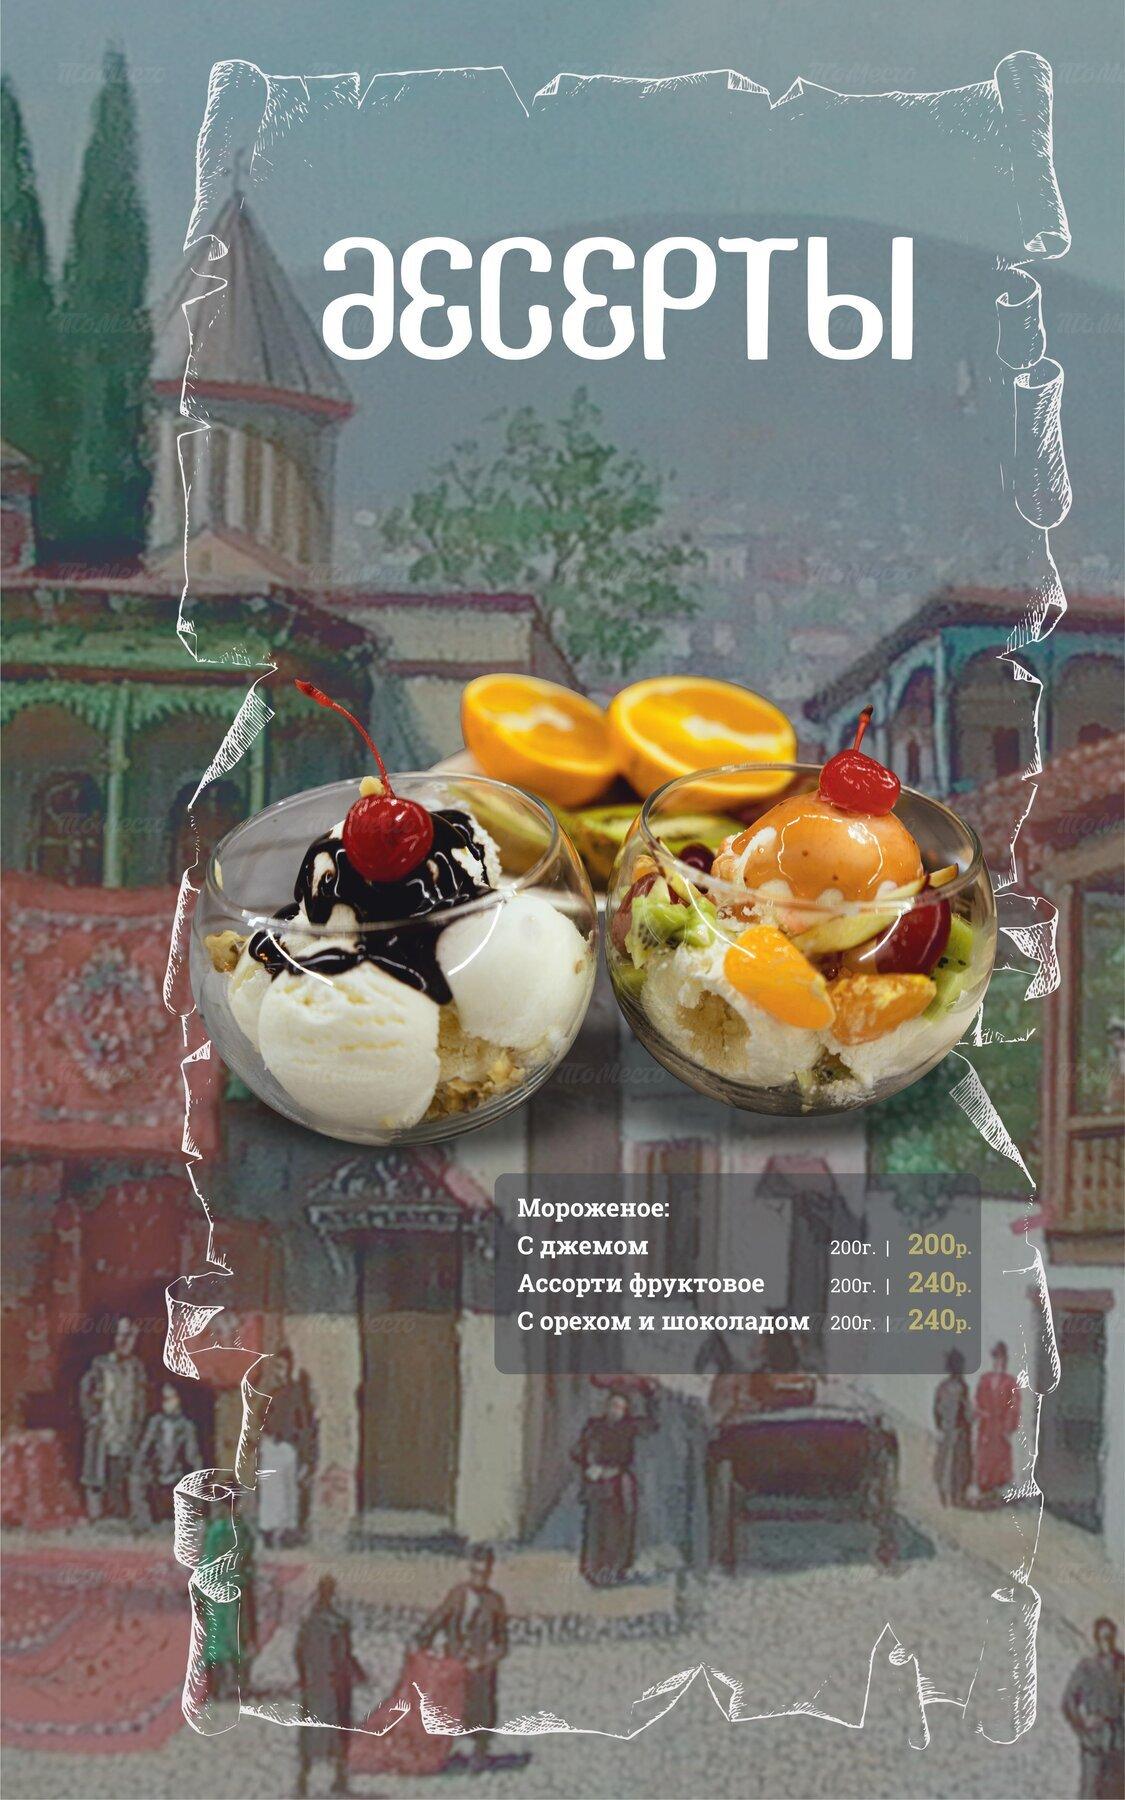 Меню ресторана Хванчкара на улице Селезнёва фото 25